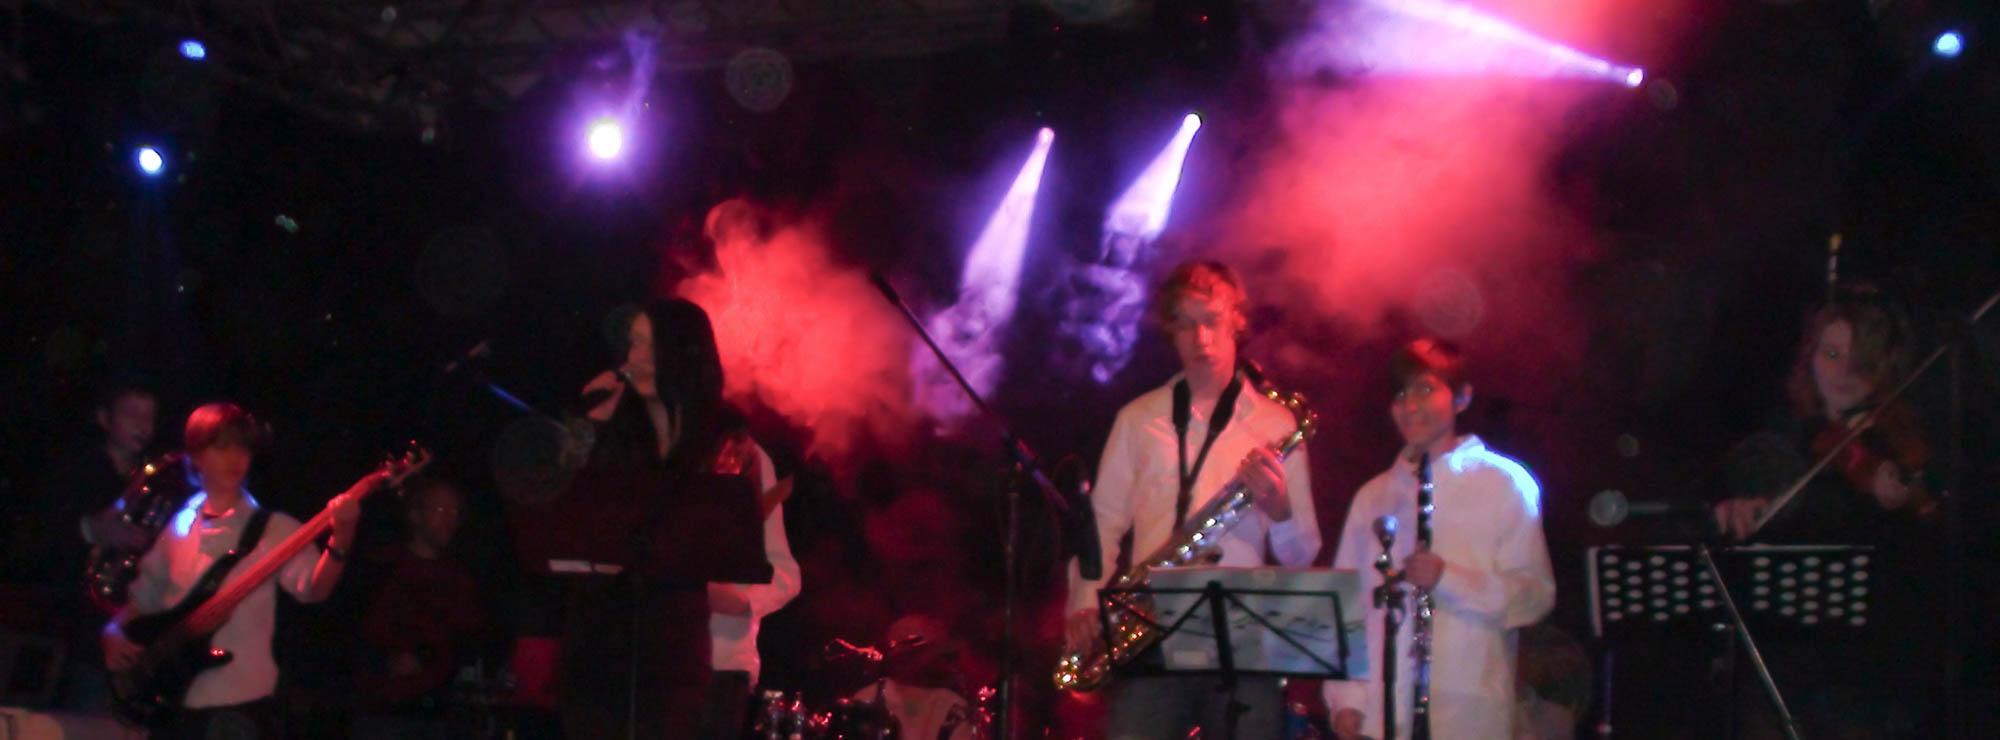 musikschule-bandworkschop-37